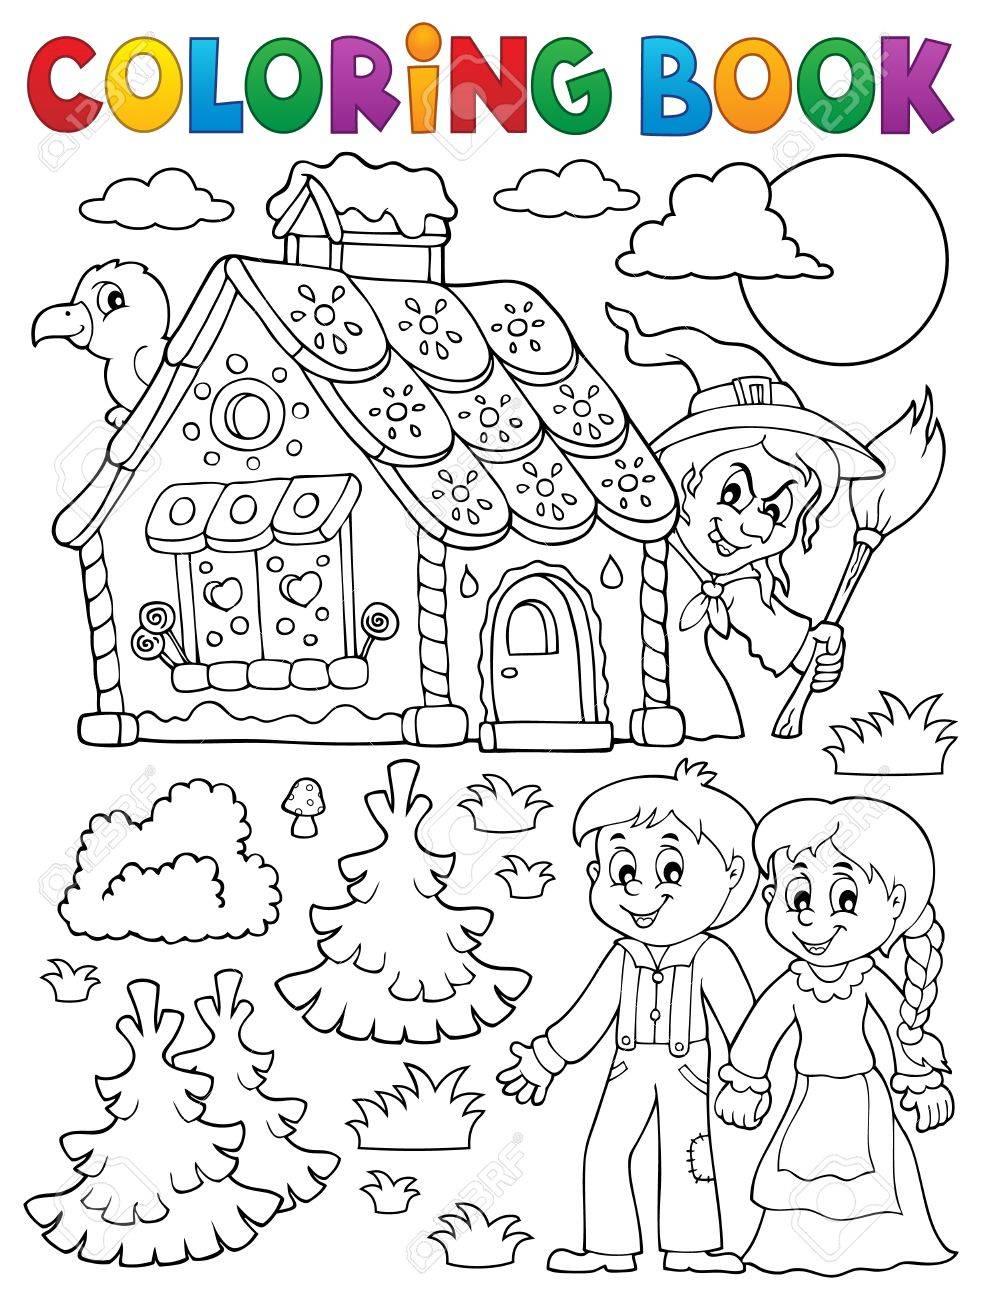 Dibujo Para Colorear Hansel Y Gretel 1 - Eps10 Ilustración Vectorial ...